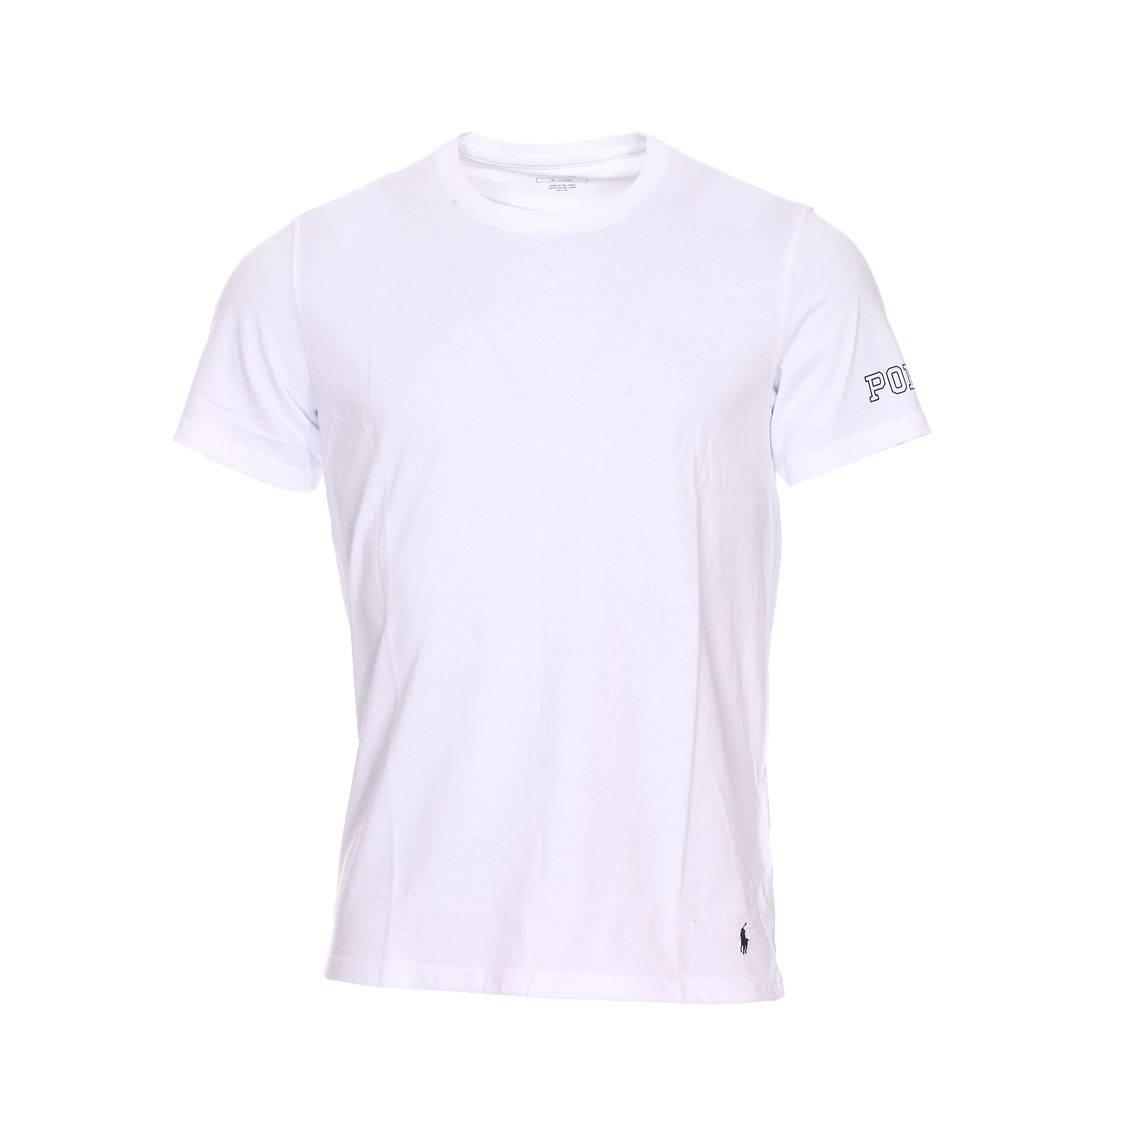 Tee-shirt col rond  en coton stretch blanc floqué sur la manche